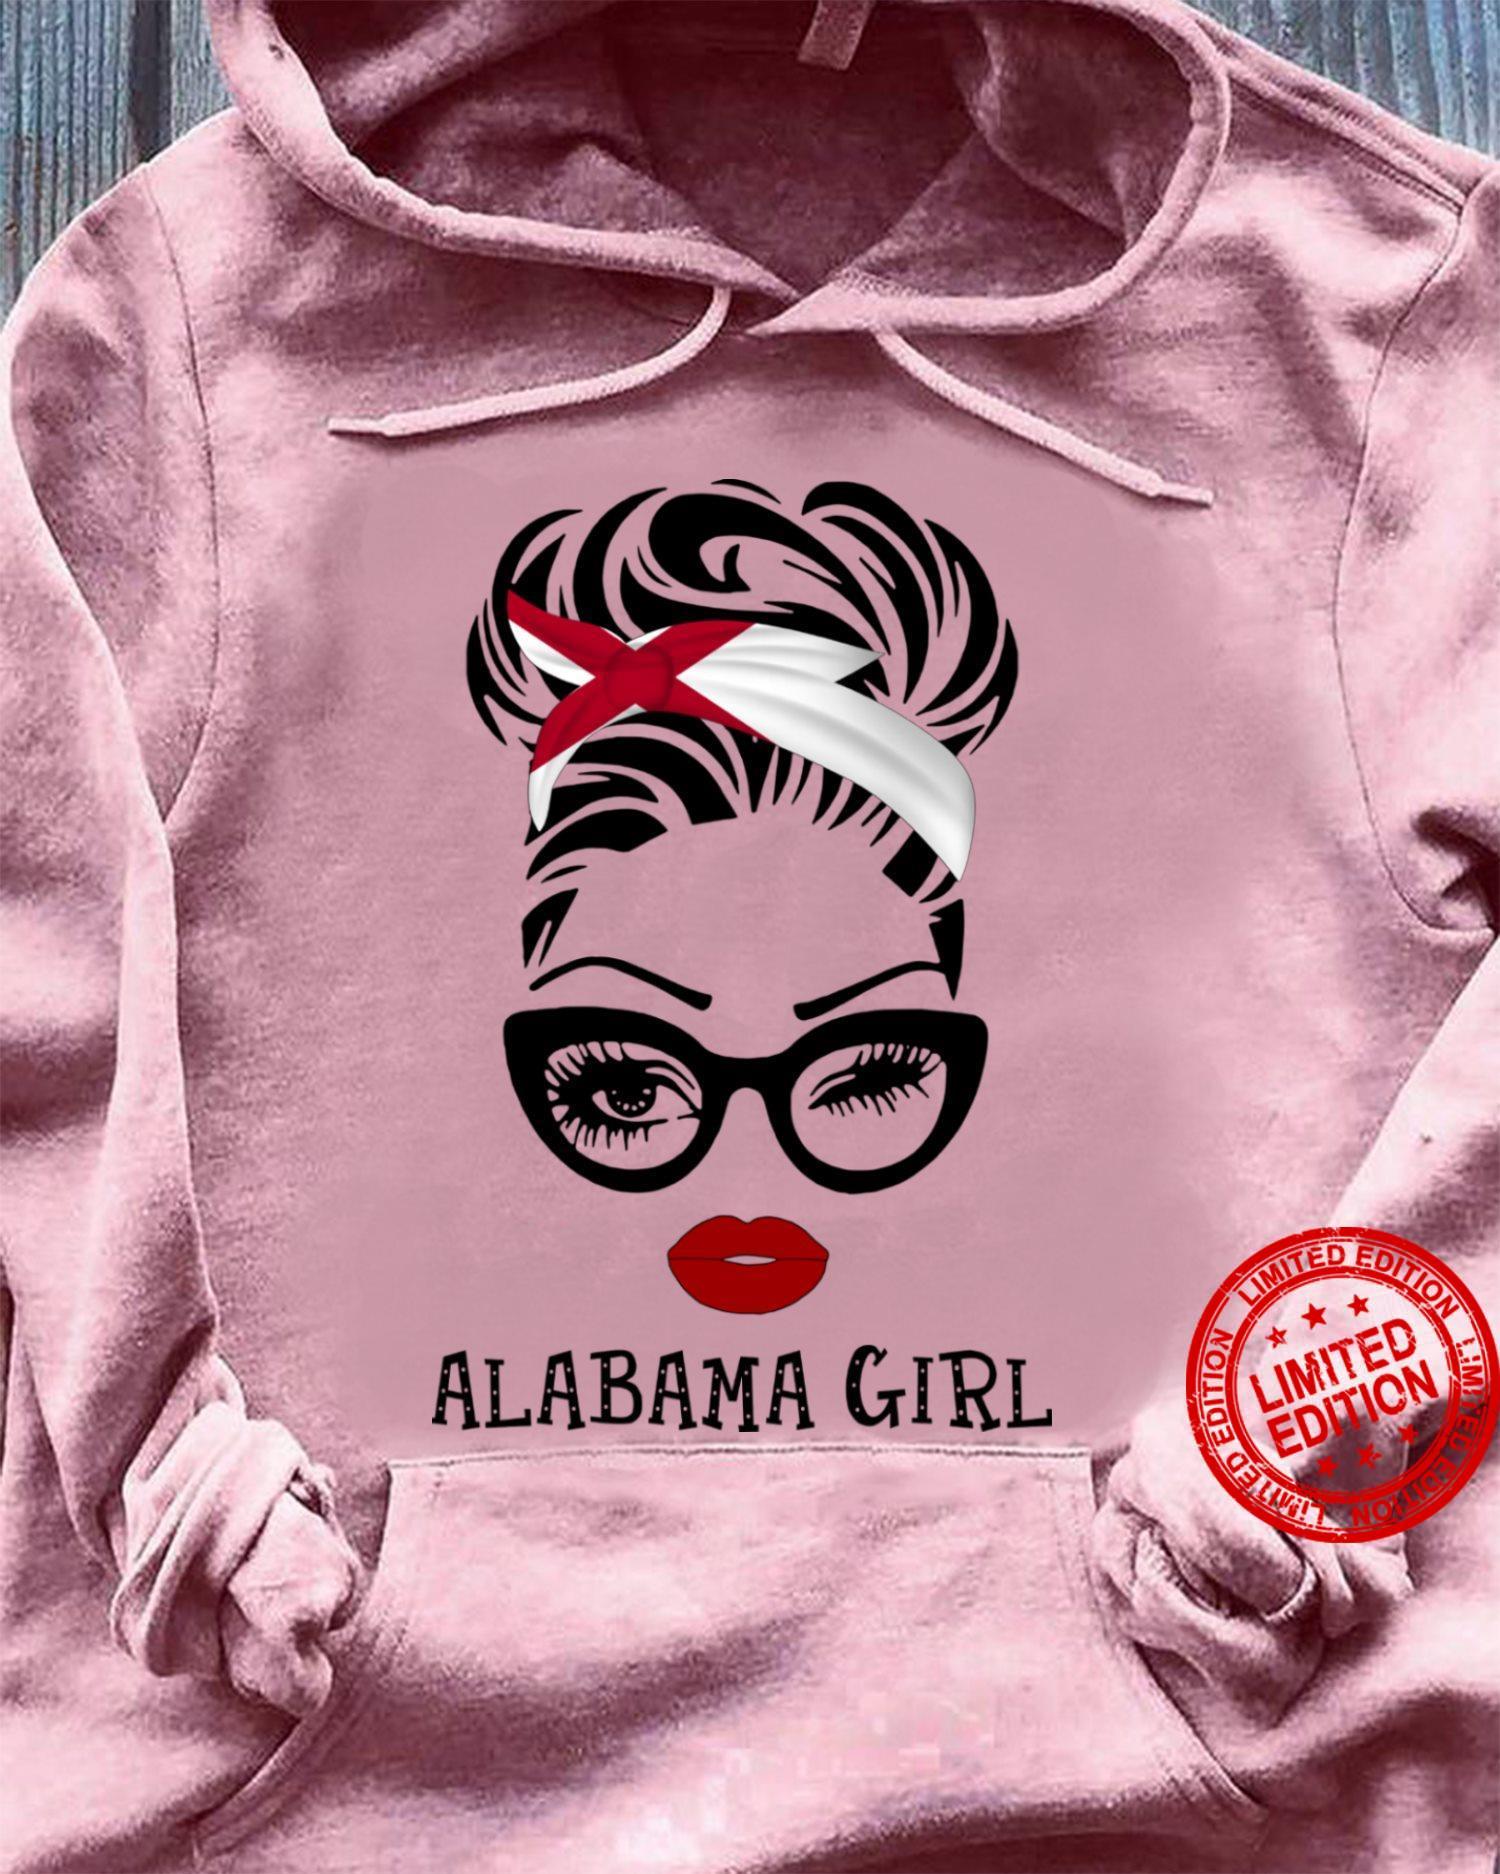 Alabama Girl Shirt